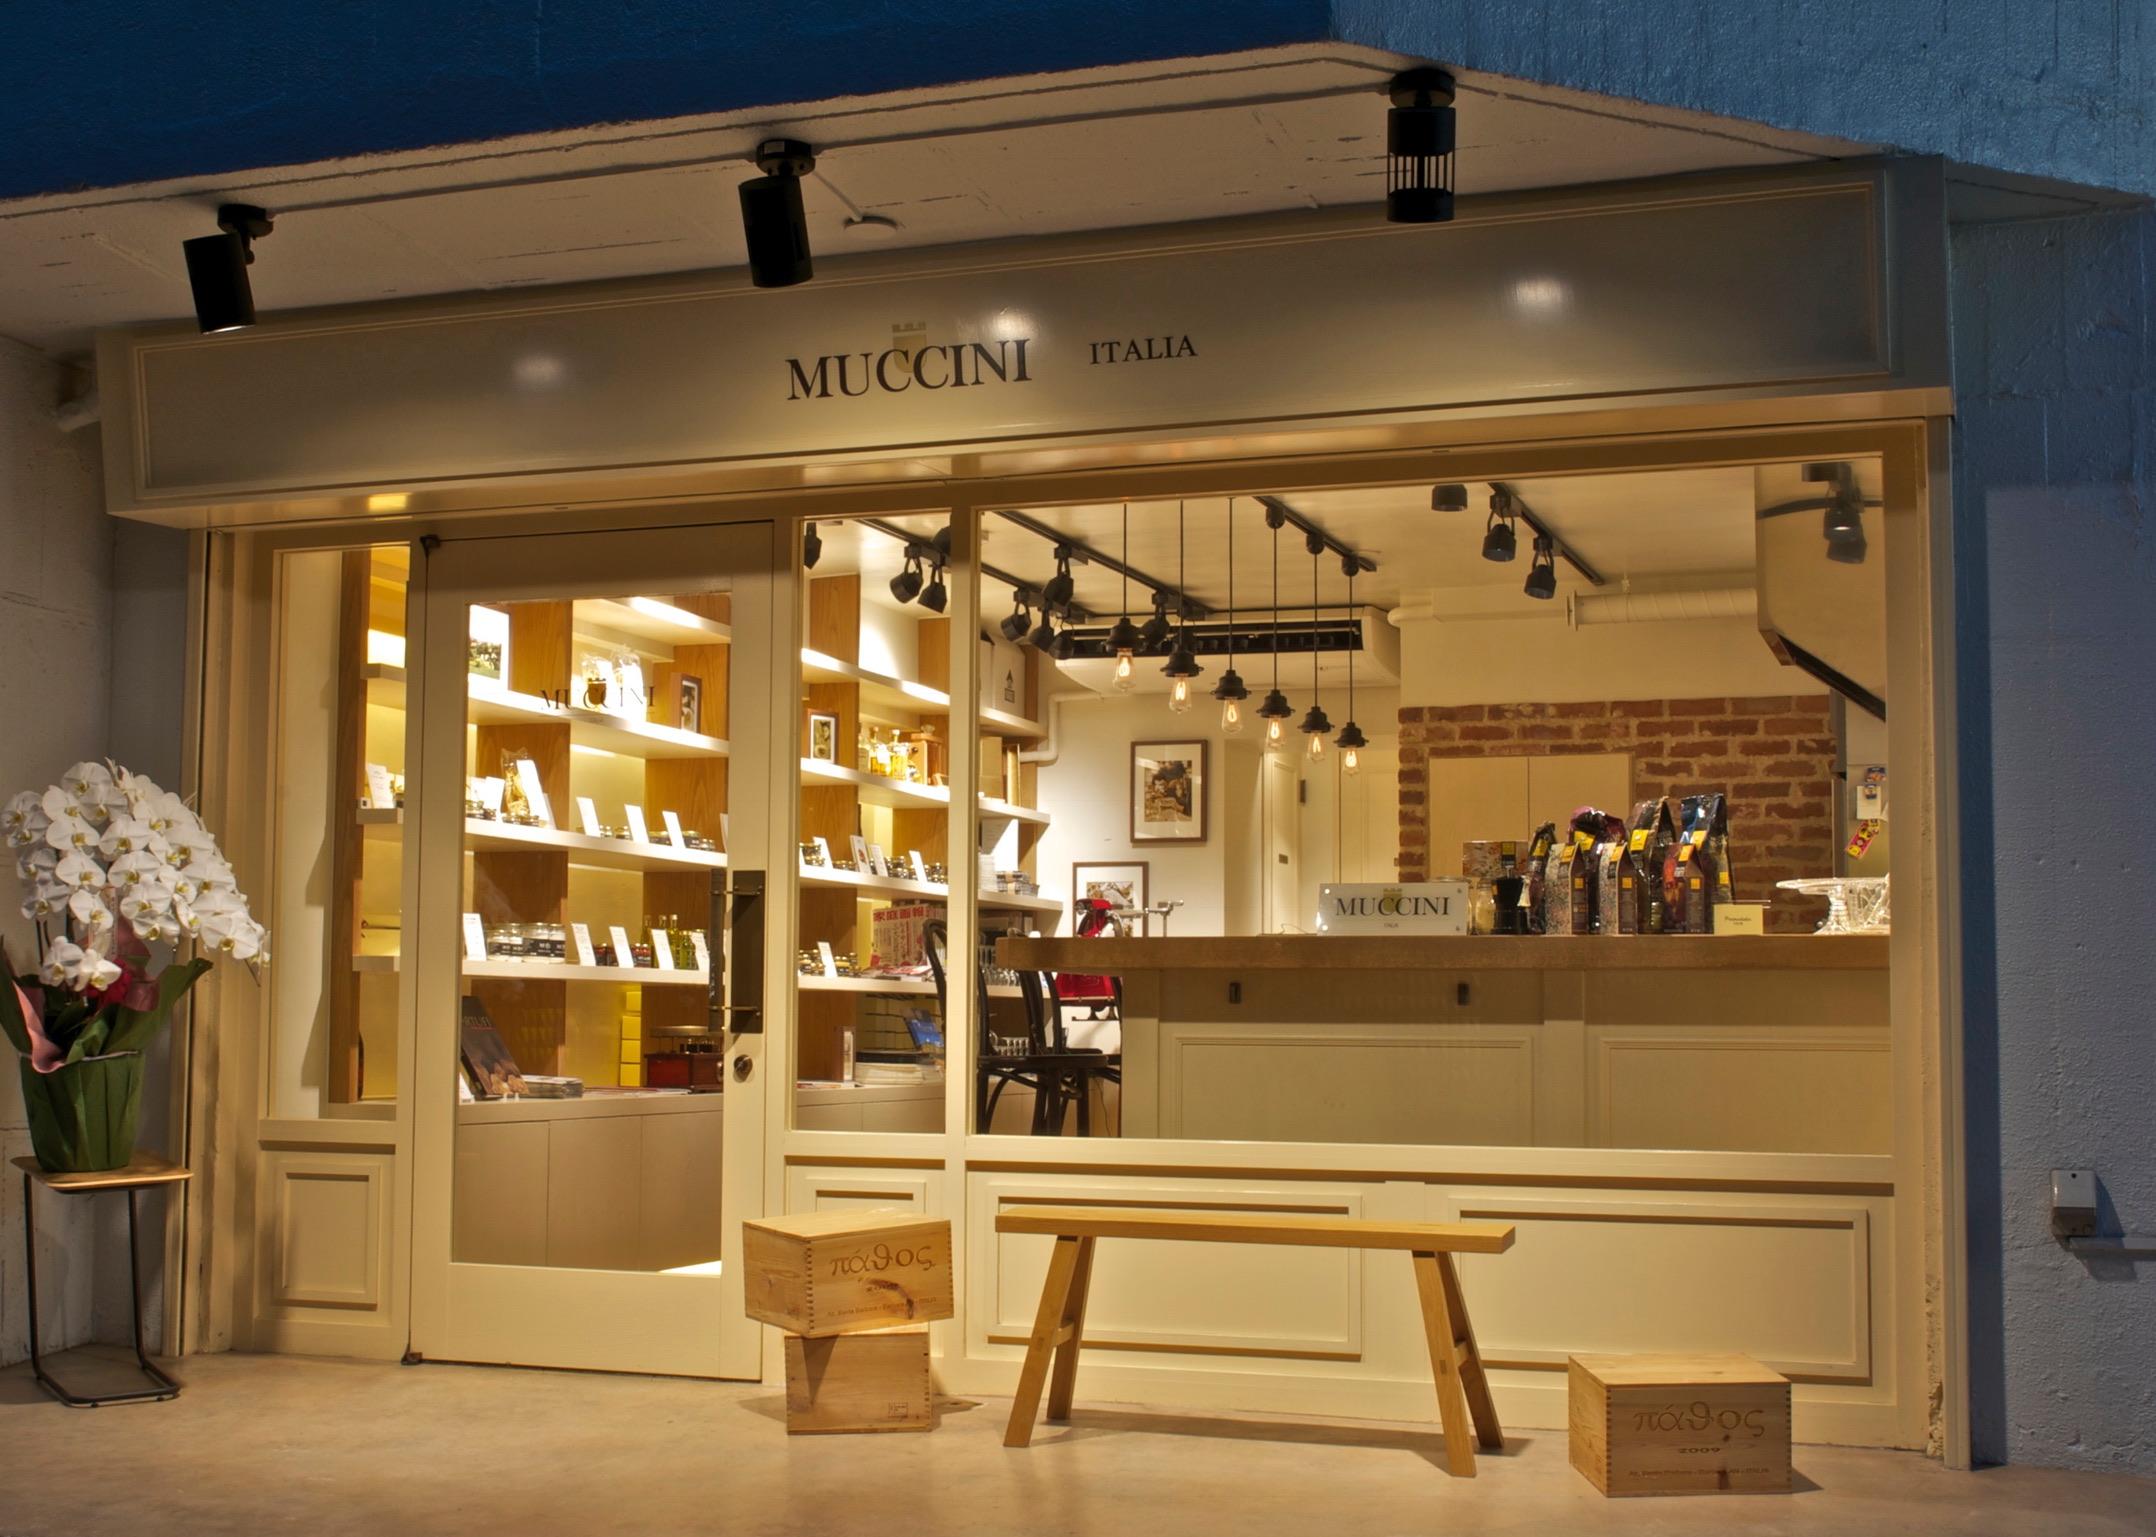 ムッチーニ イタリア店舗